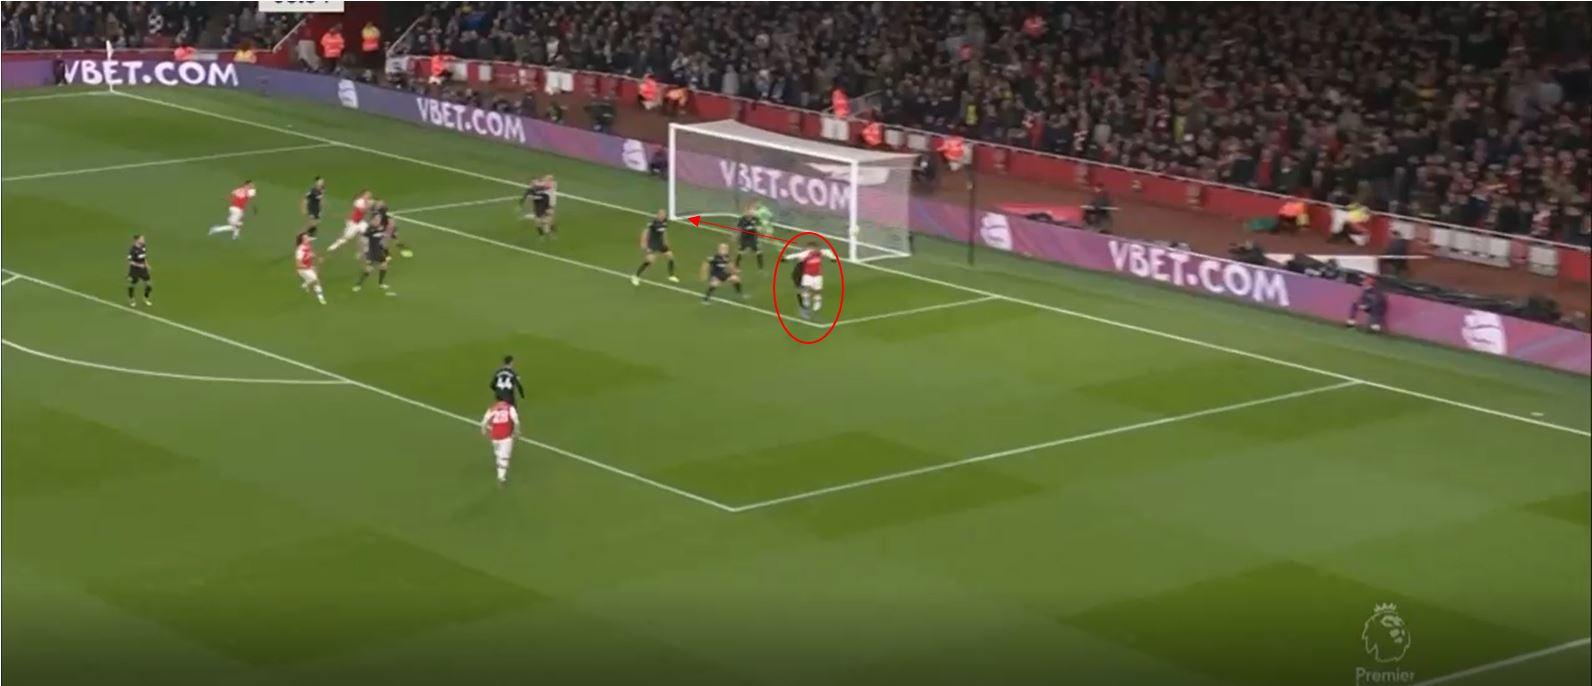 Premier League 2019/20: Offensive set piece trends- tactical analysis tactics